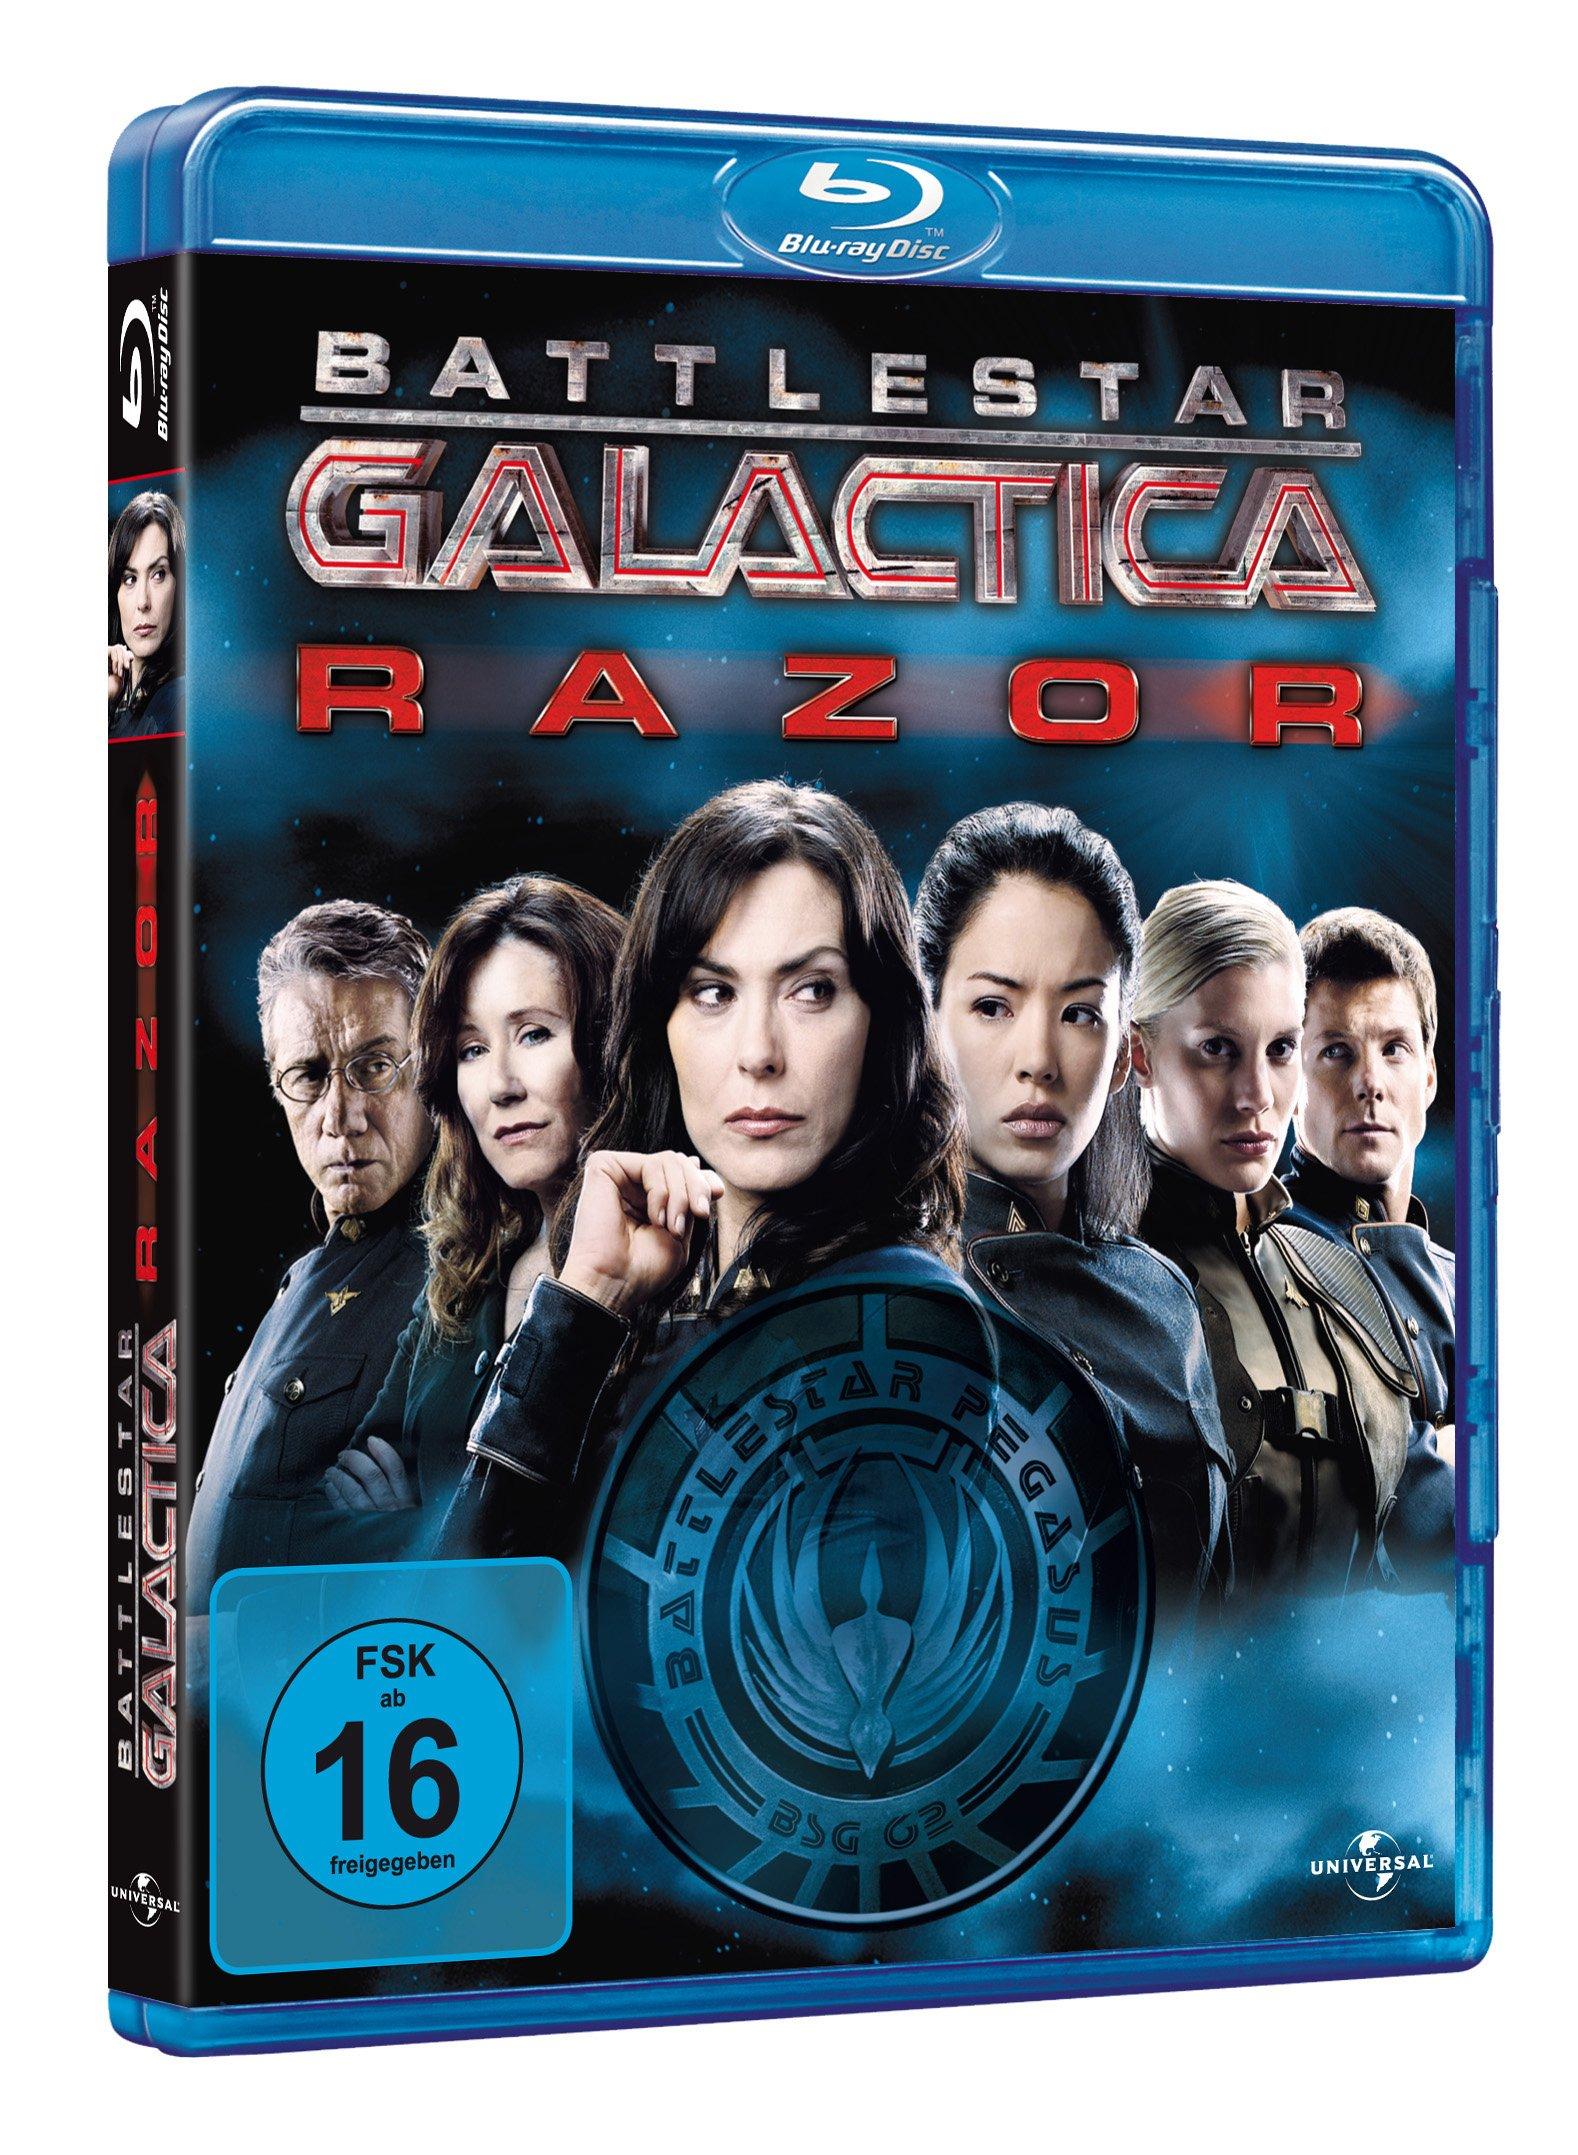 Battlestar Galactica - Razor